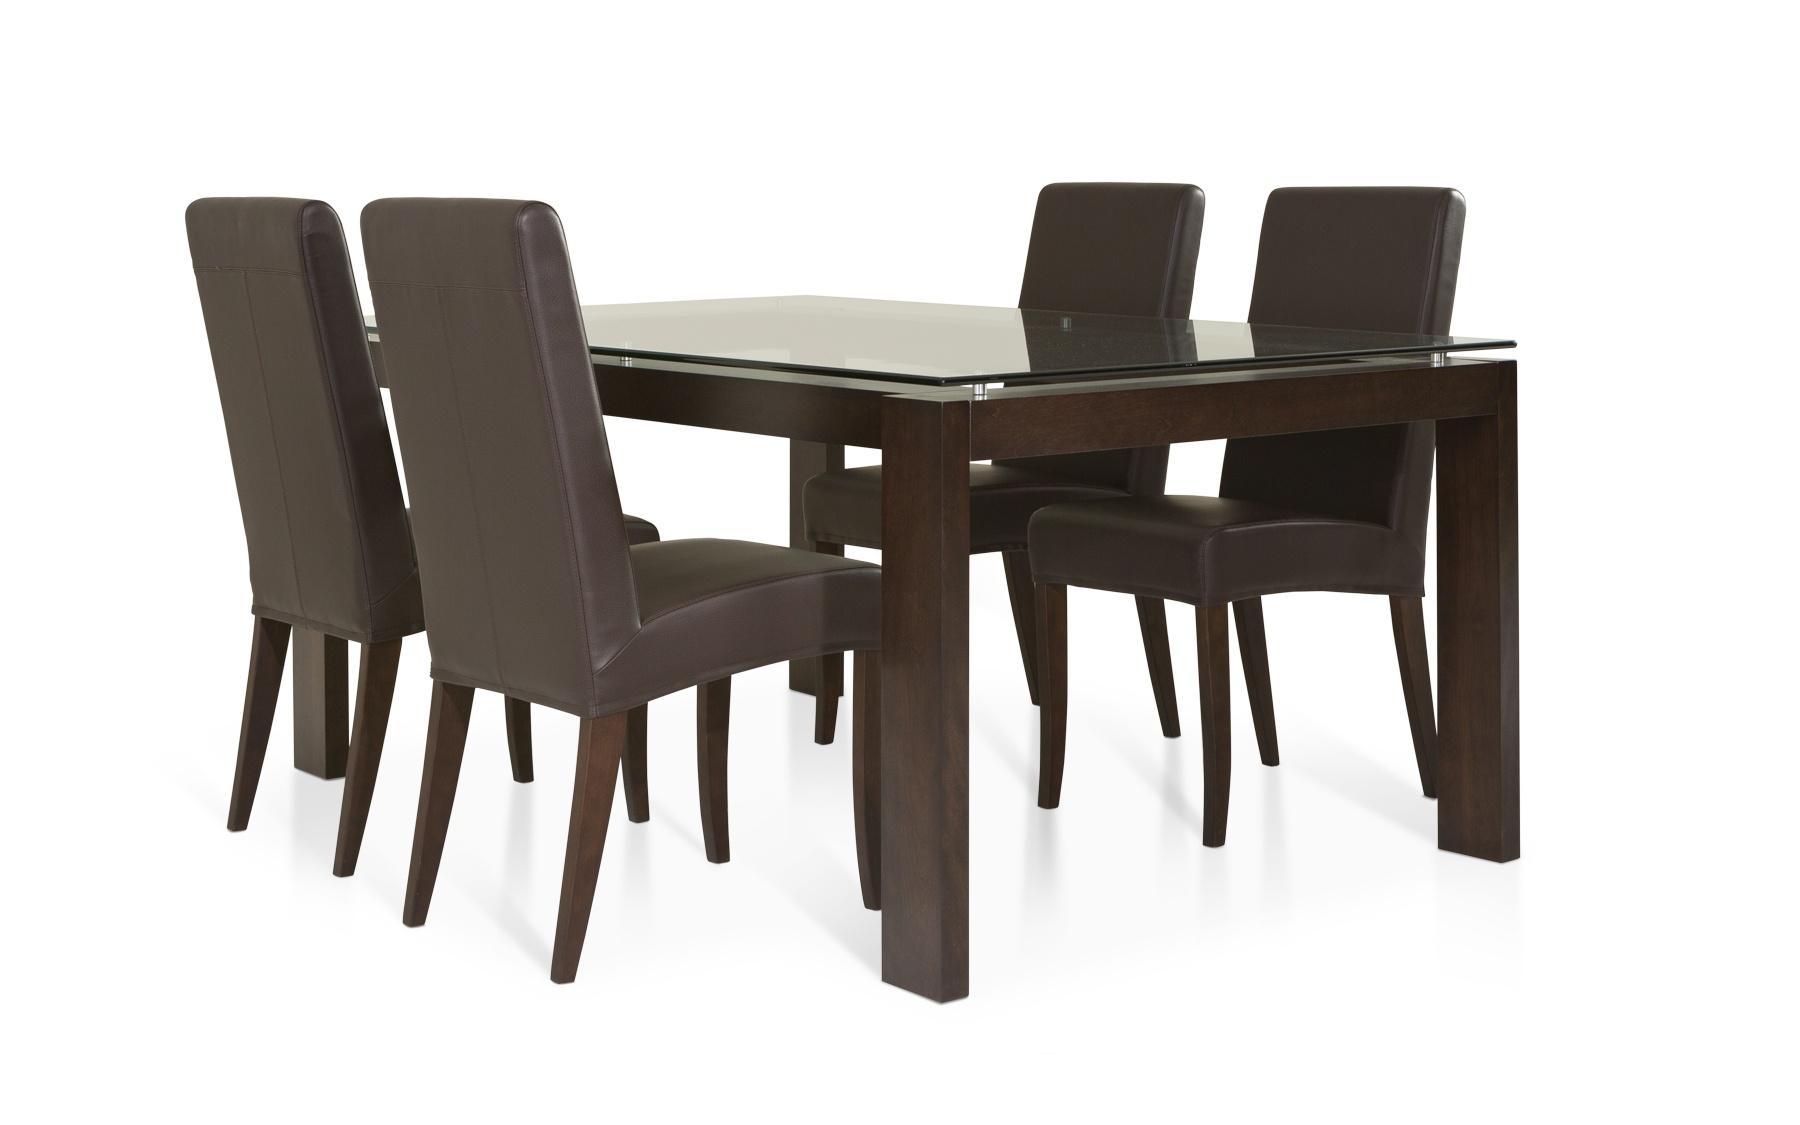 Table 72x42 cl466 tables salles manger la galerie for Gallerie du meuble